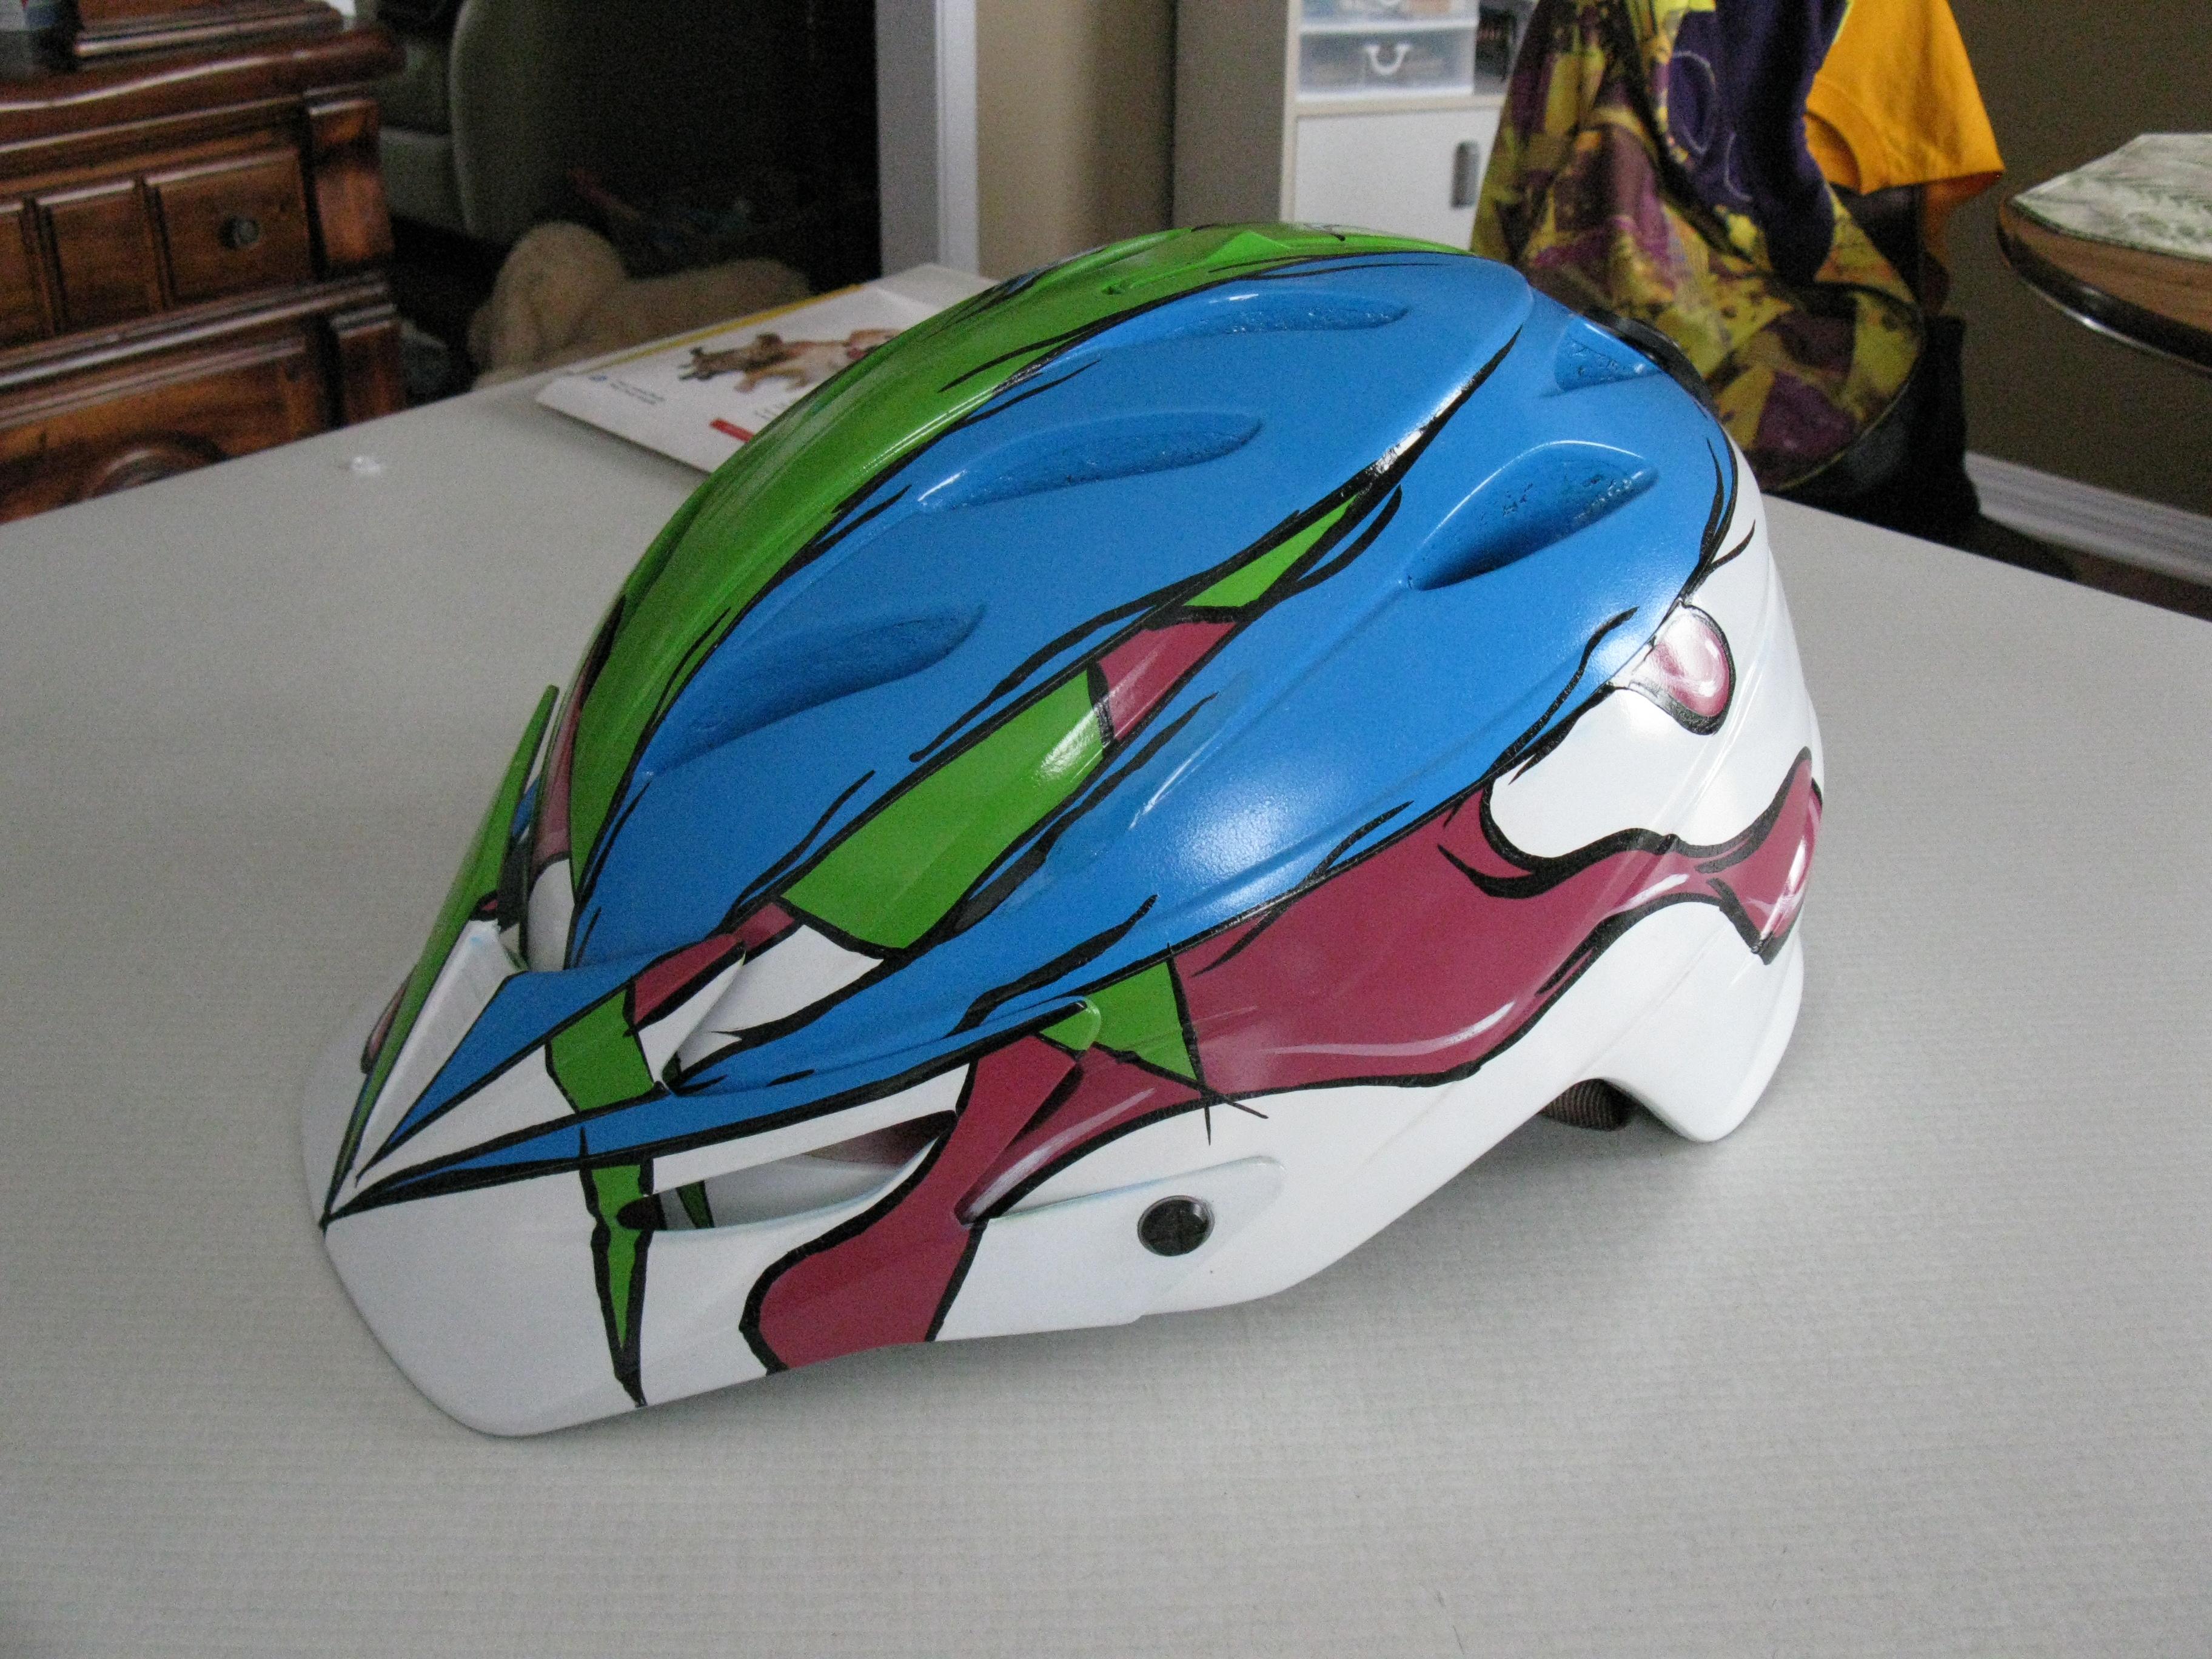 Helmet Left side